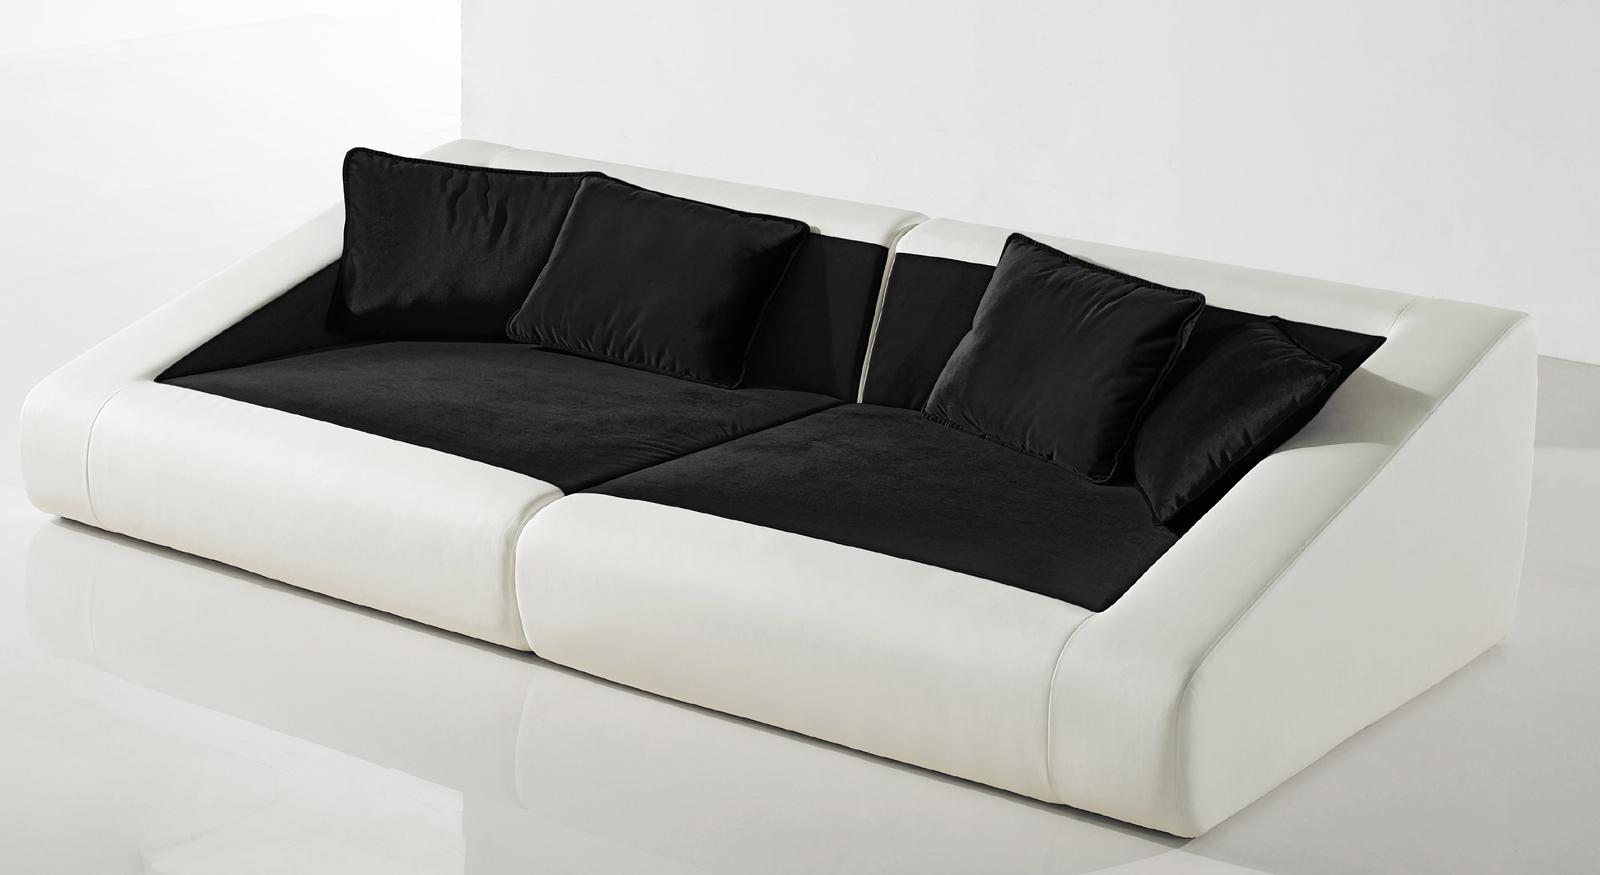 Sam schlafsofa 4er wei schwarz sofa siena 260 cm auf lager for 4er schlafsofa